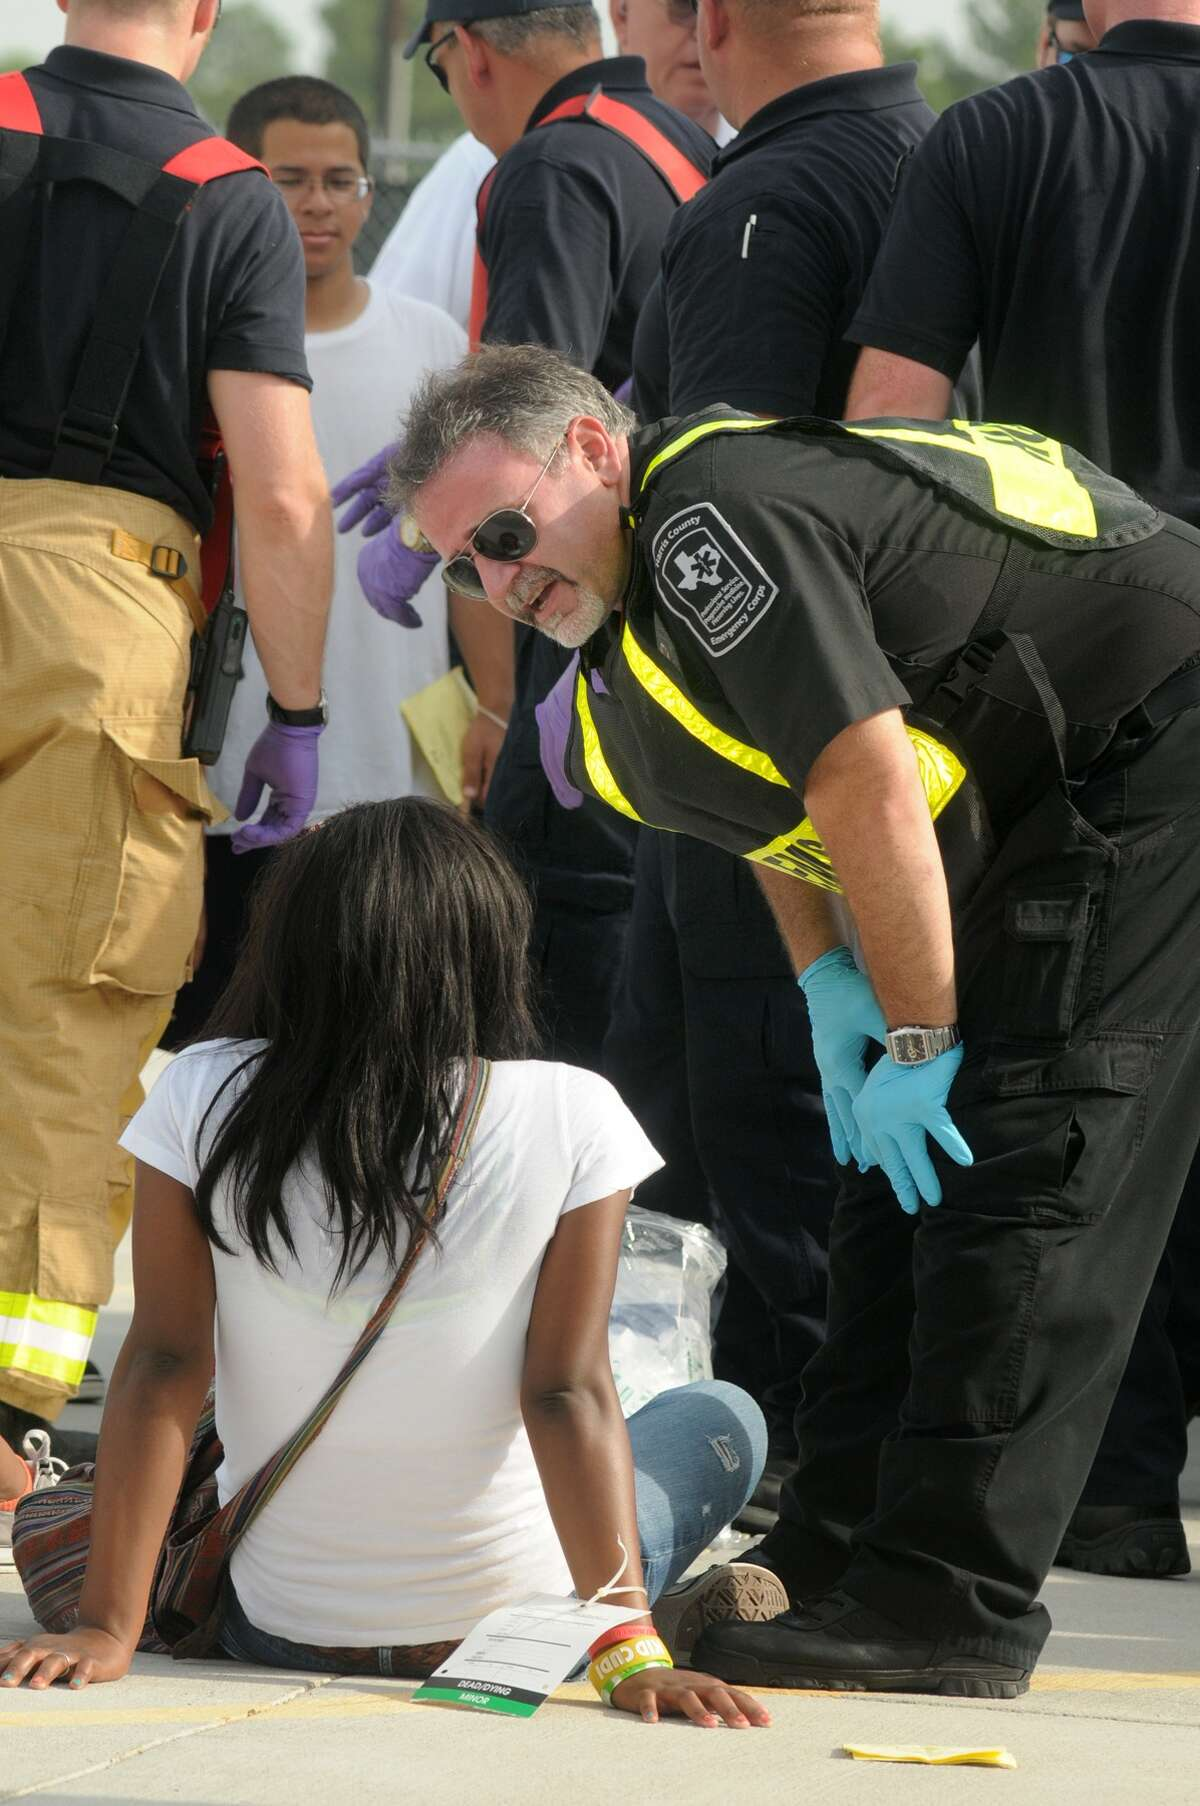 Emergency responders tend to